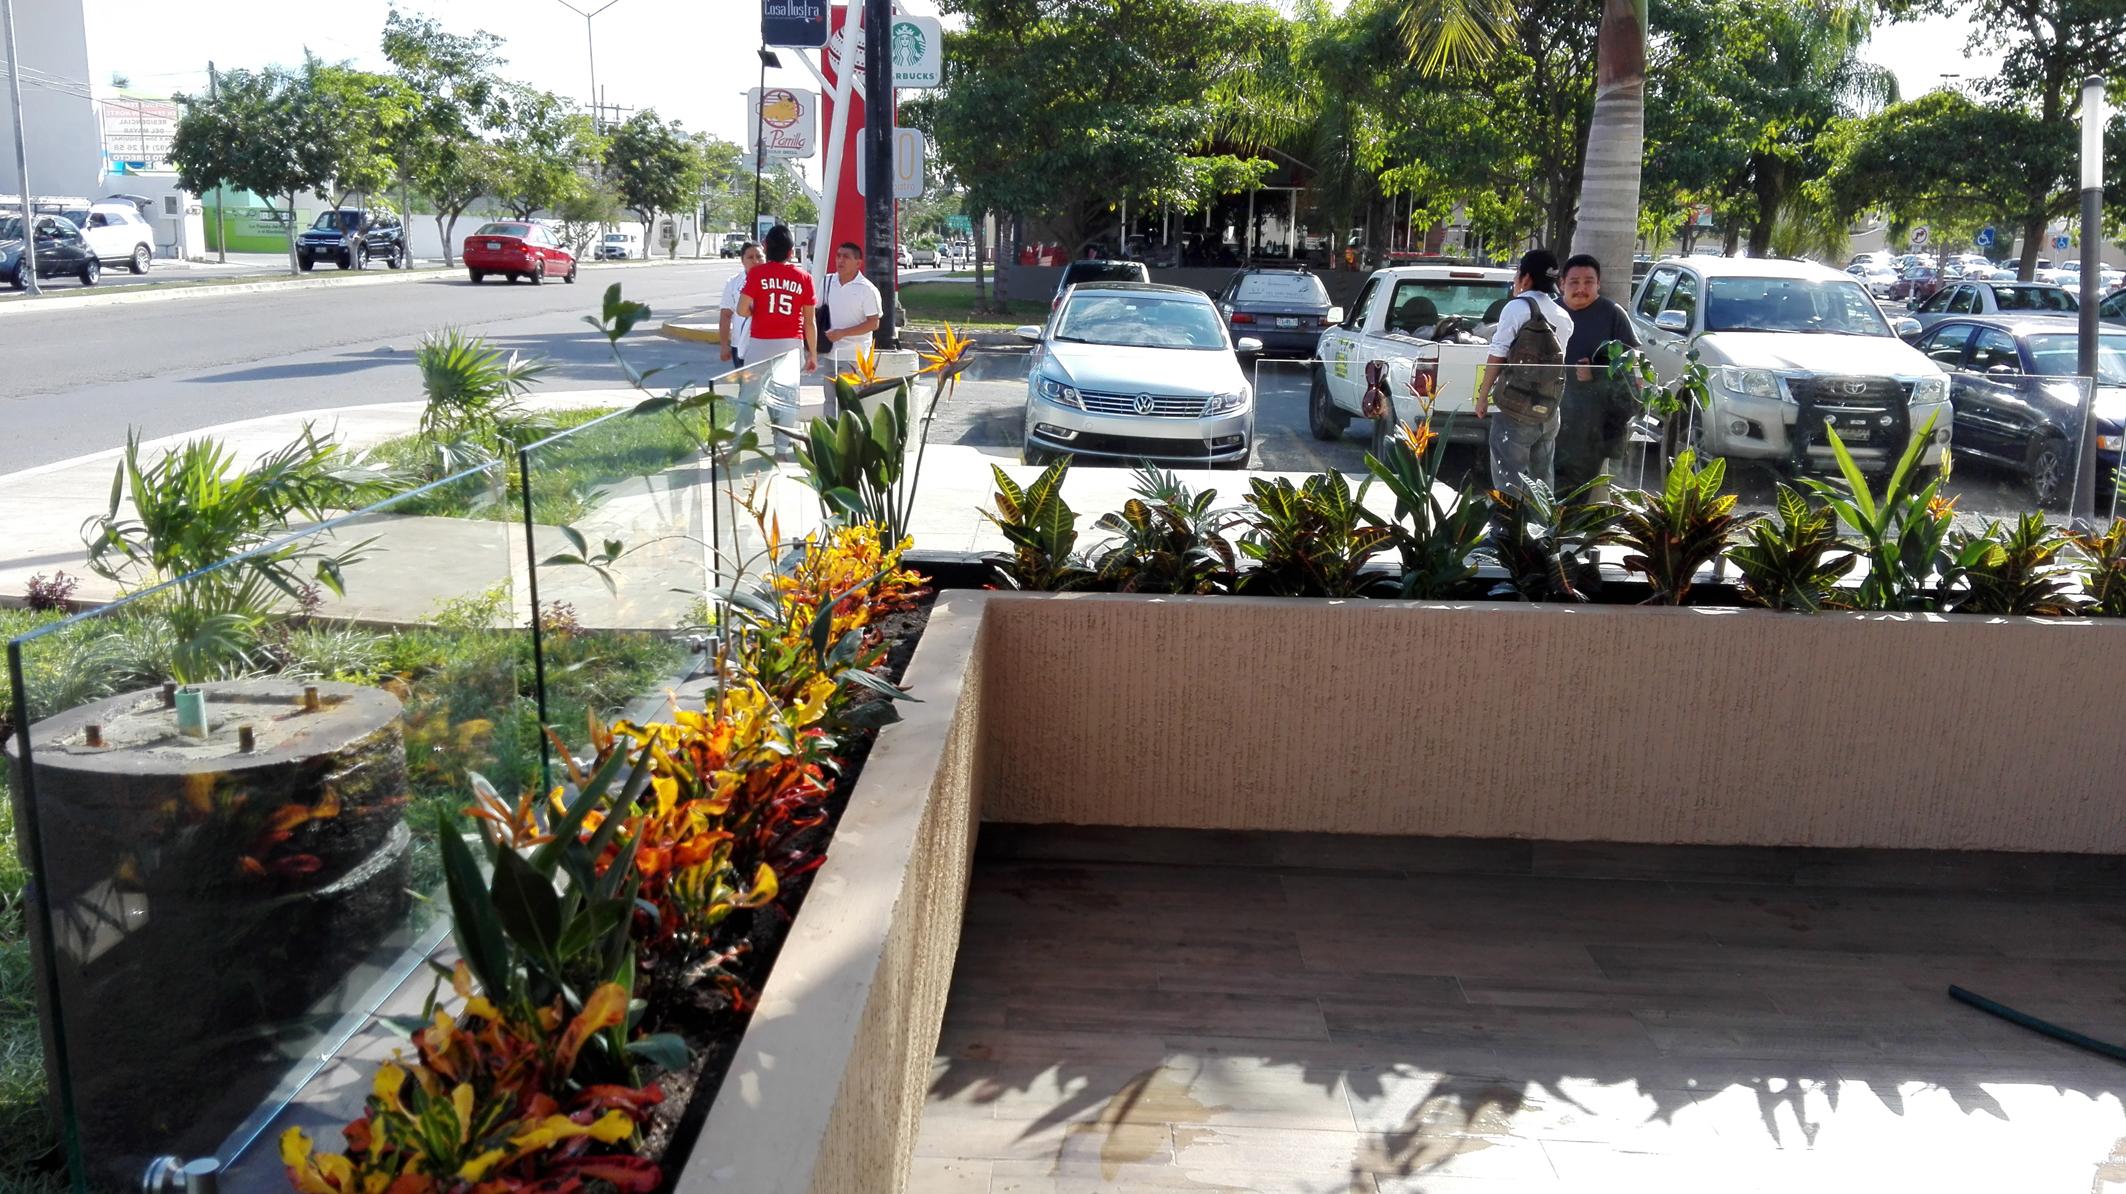 Servicio profesional de jardineria en m rida yucat n for Servicio de jardineria